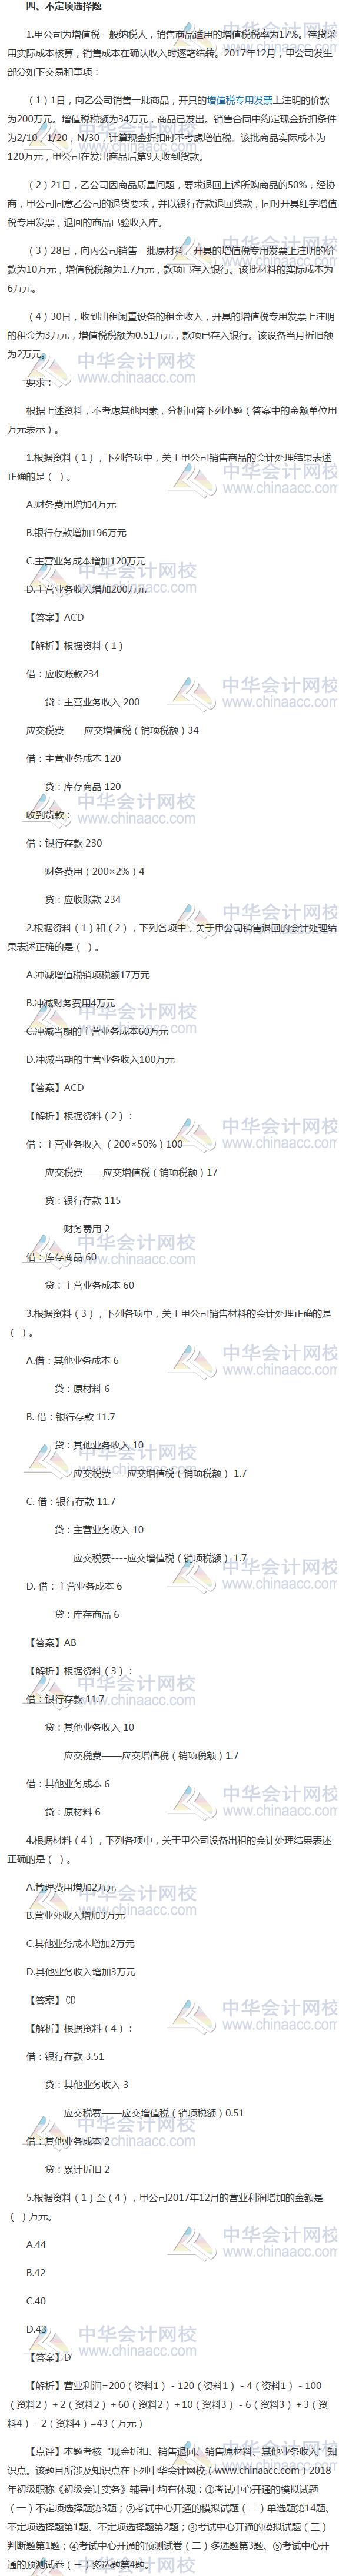 2015年初级会计考试真题图片